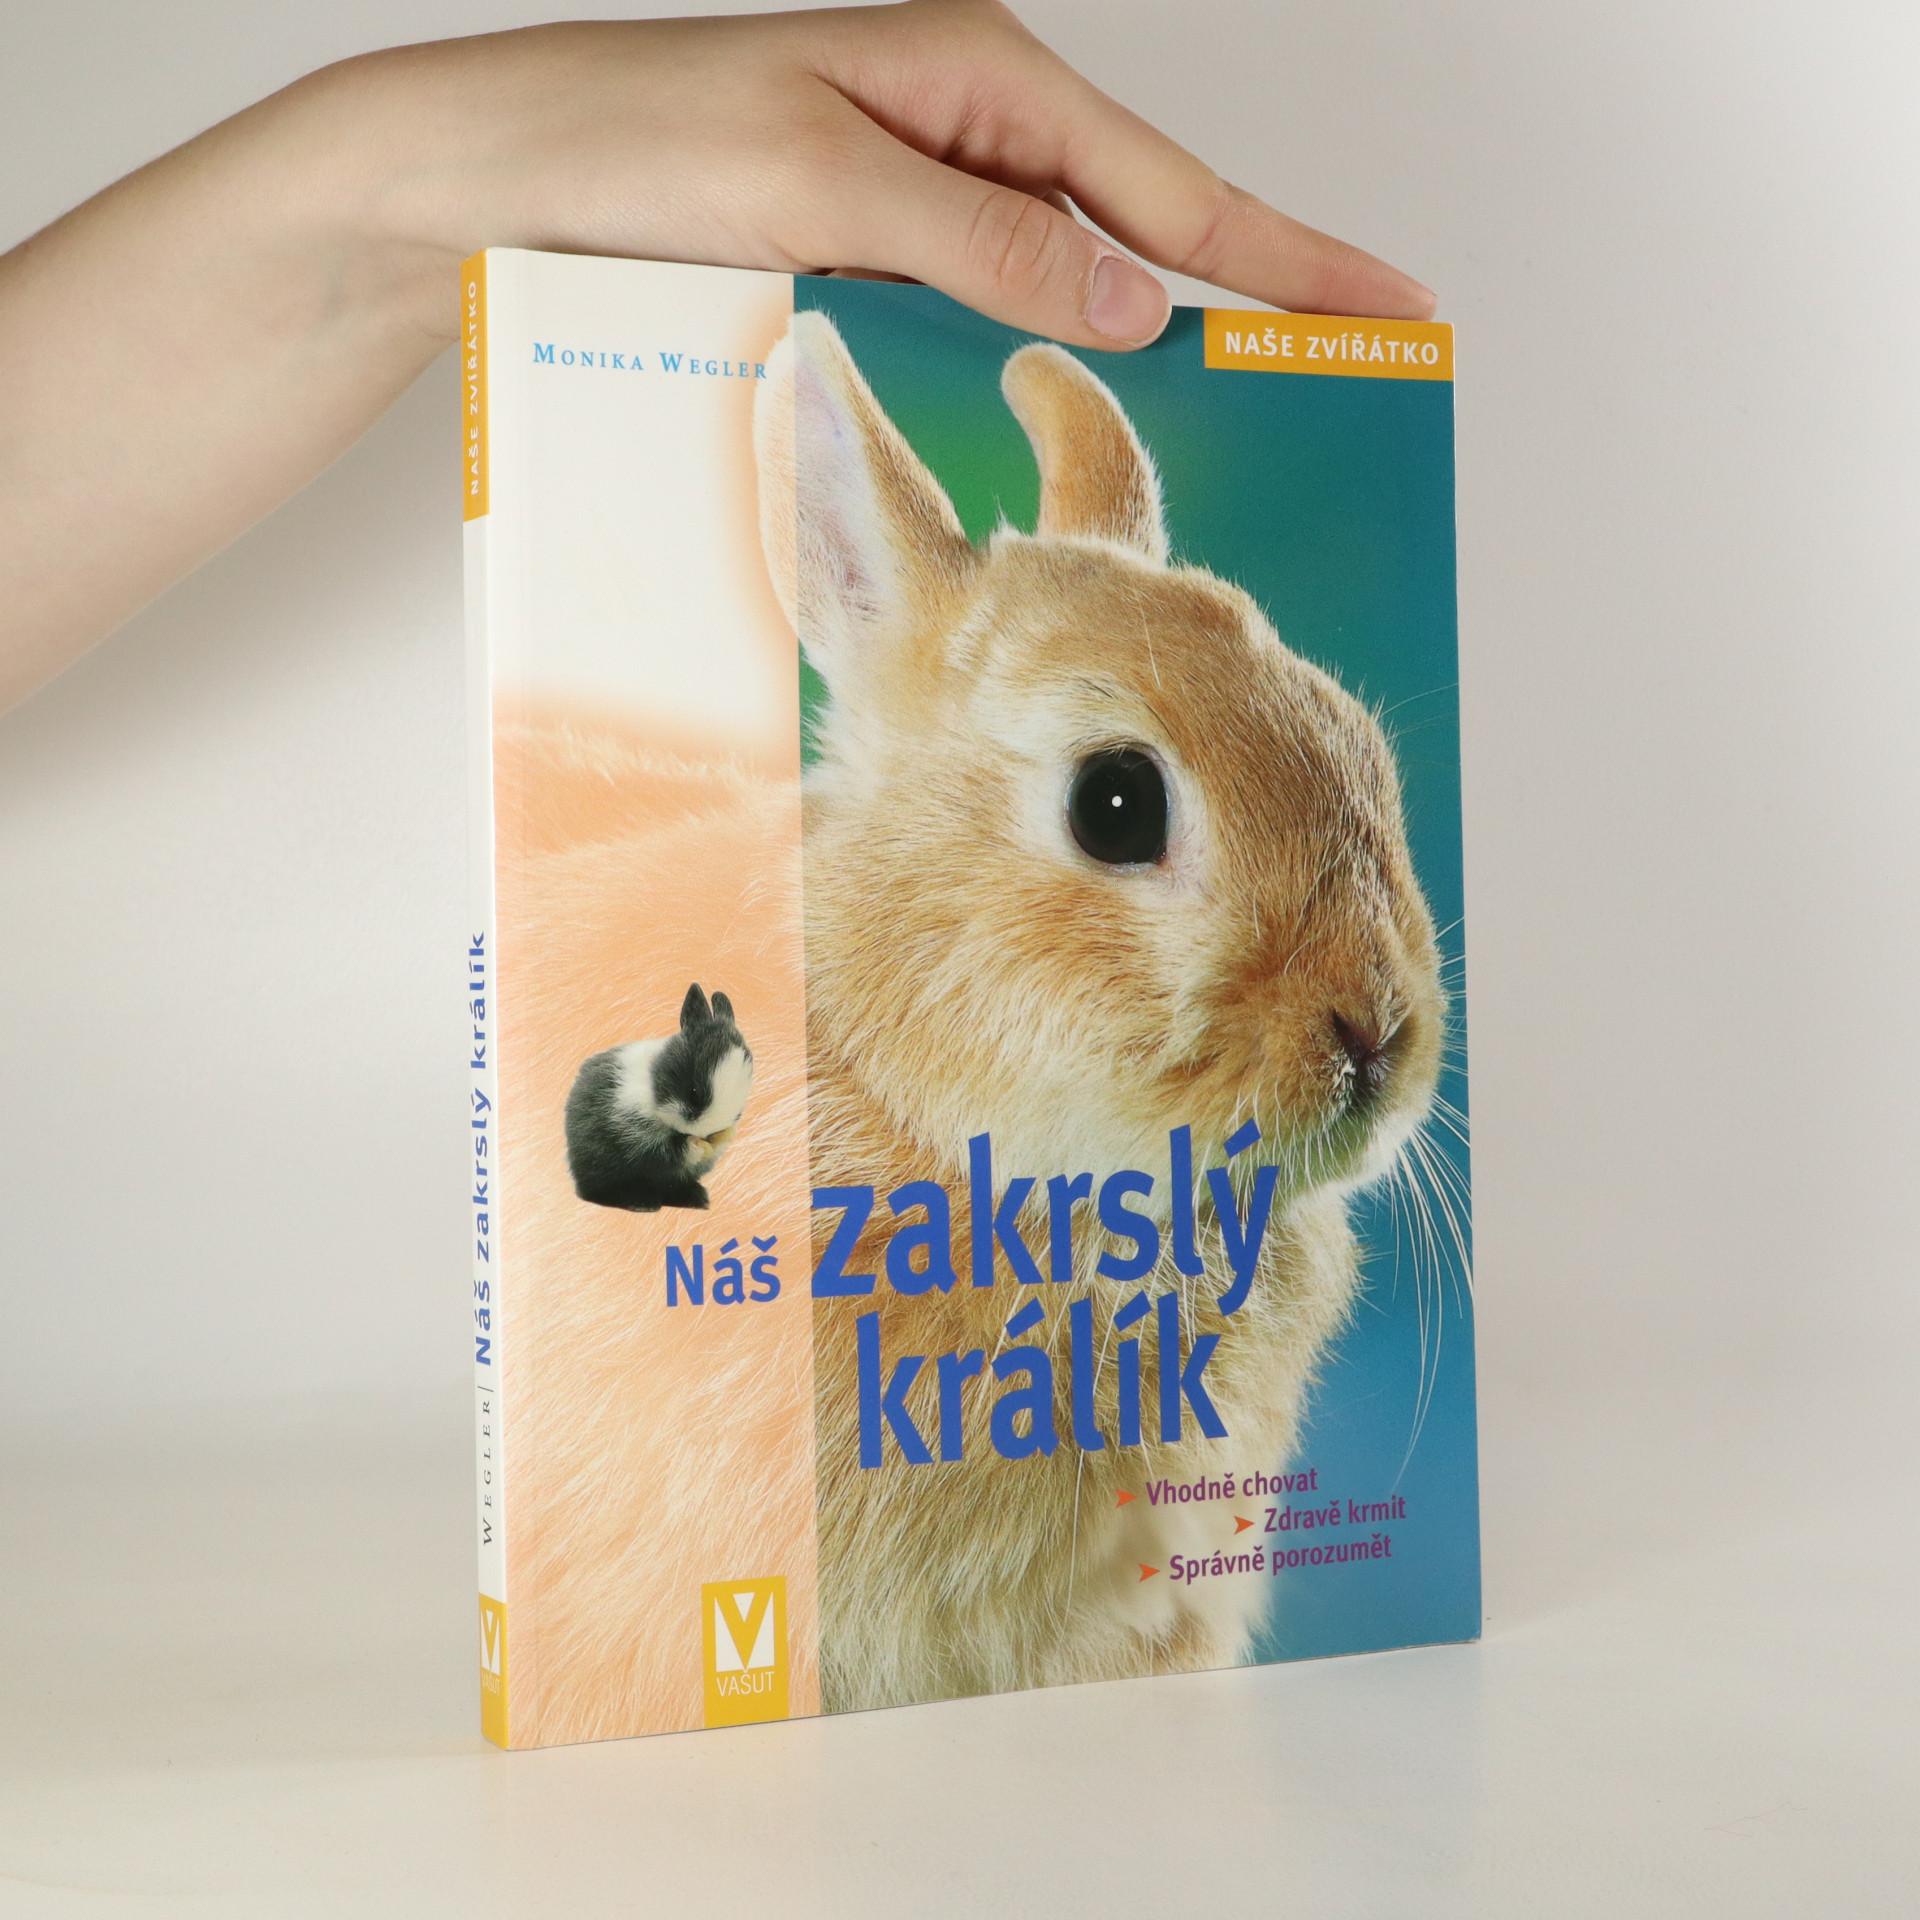 antikvární kniha Náš zakrslý králík. Vhodná péče, zdravé krmení, správné porozumění, 2008